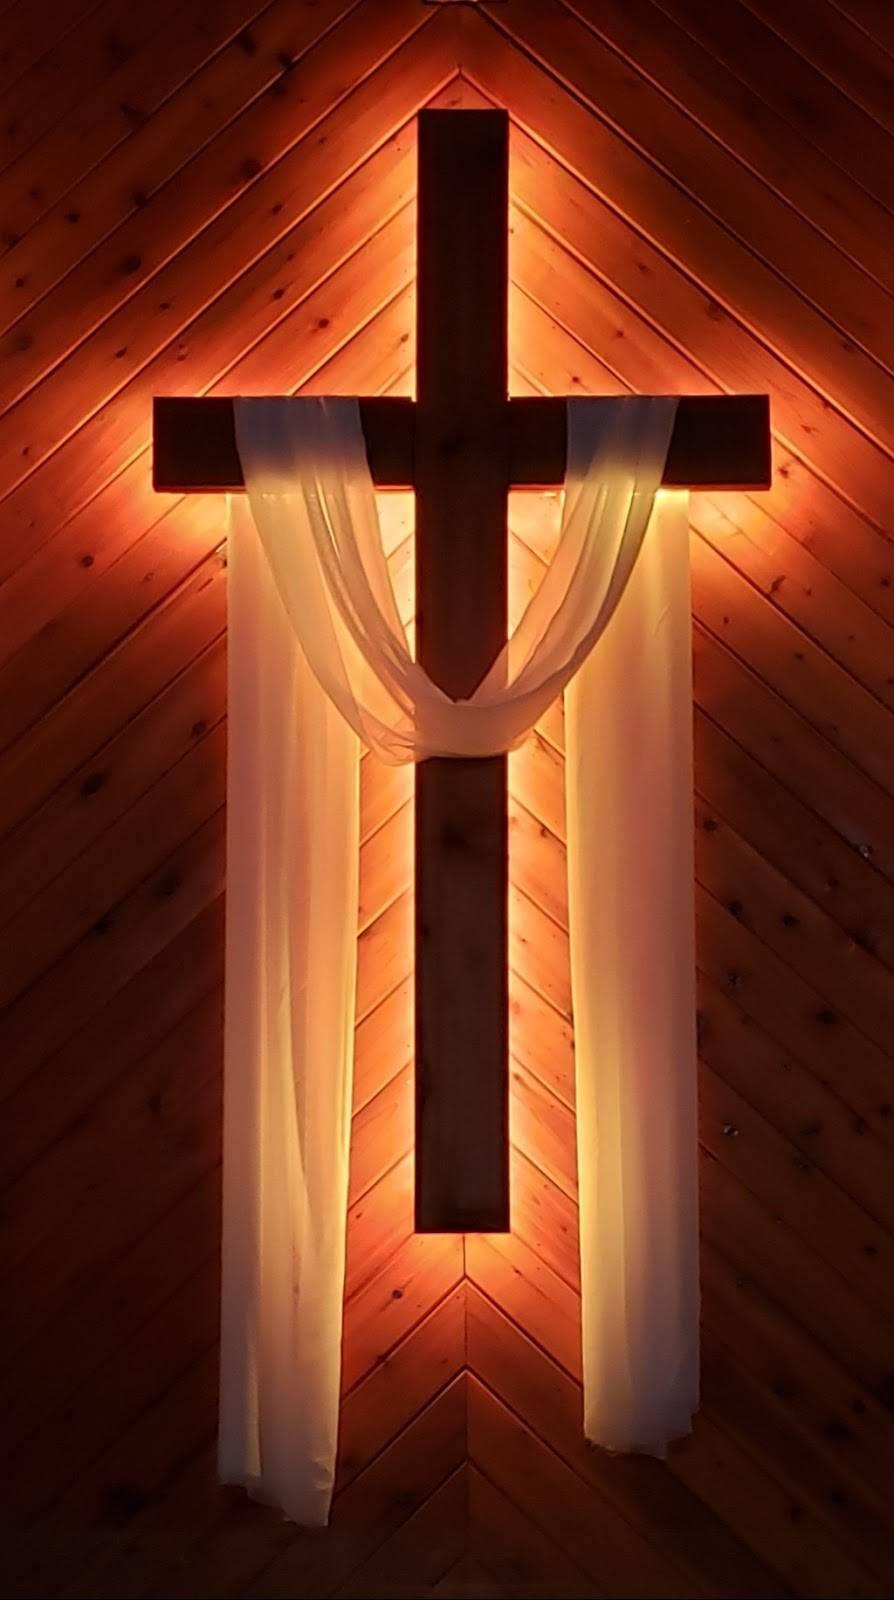 Calvary Church - church    Photo 3 of 3   Address: 3800 W 80th Ave, Anchorage, AK 99502, USA   Phone: (907) 243-8984